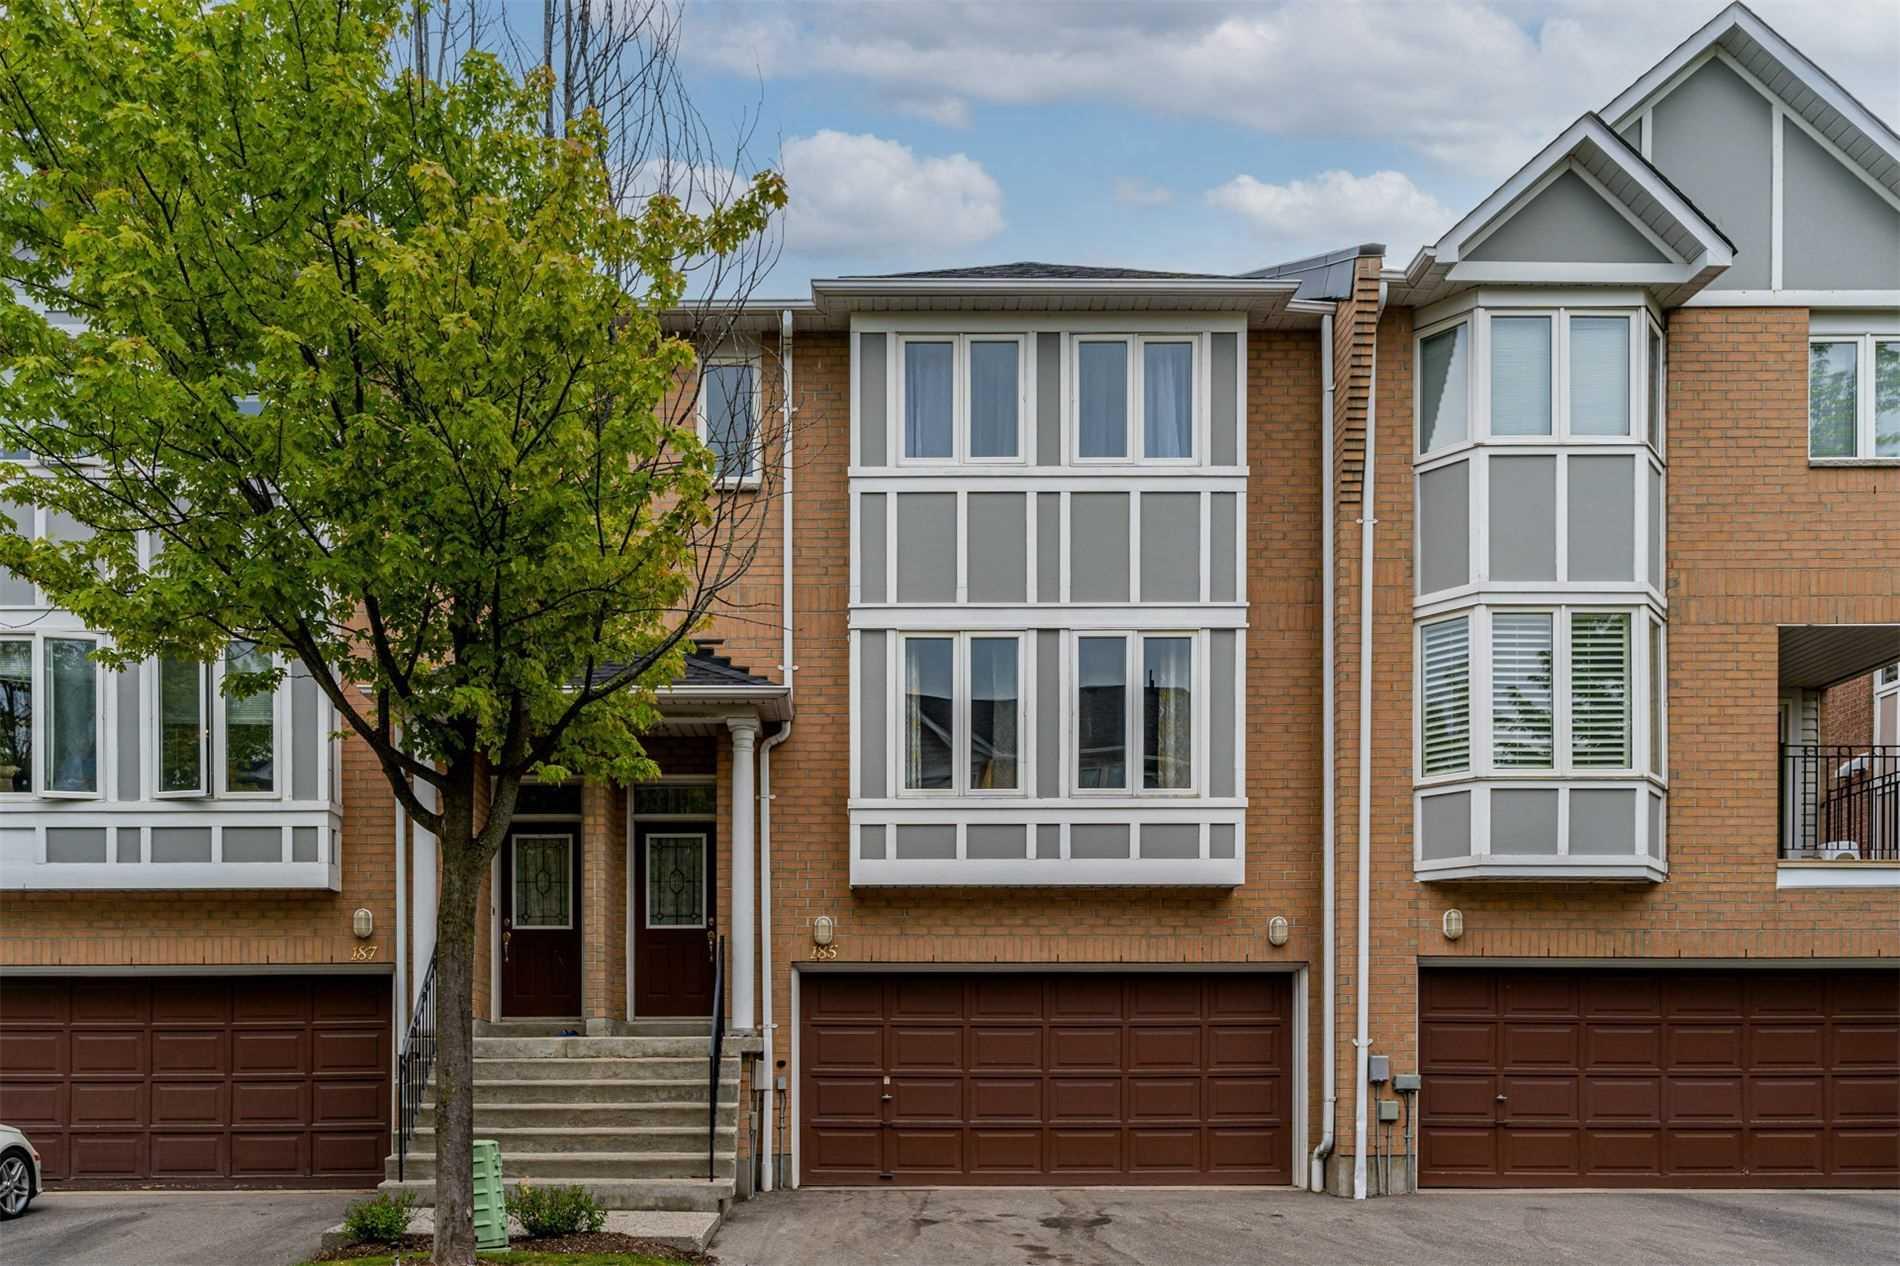 House For Sale Unit 185, 83 Mondeo Dr, M1P5B6, Dorset Park, Toronto